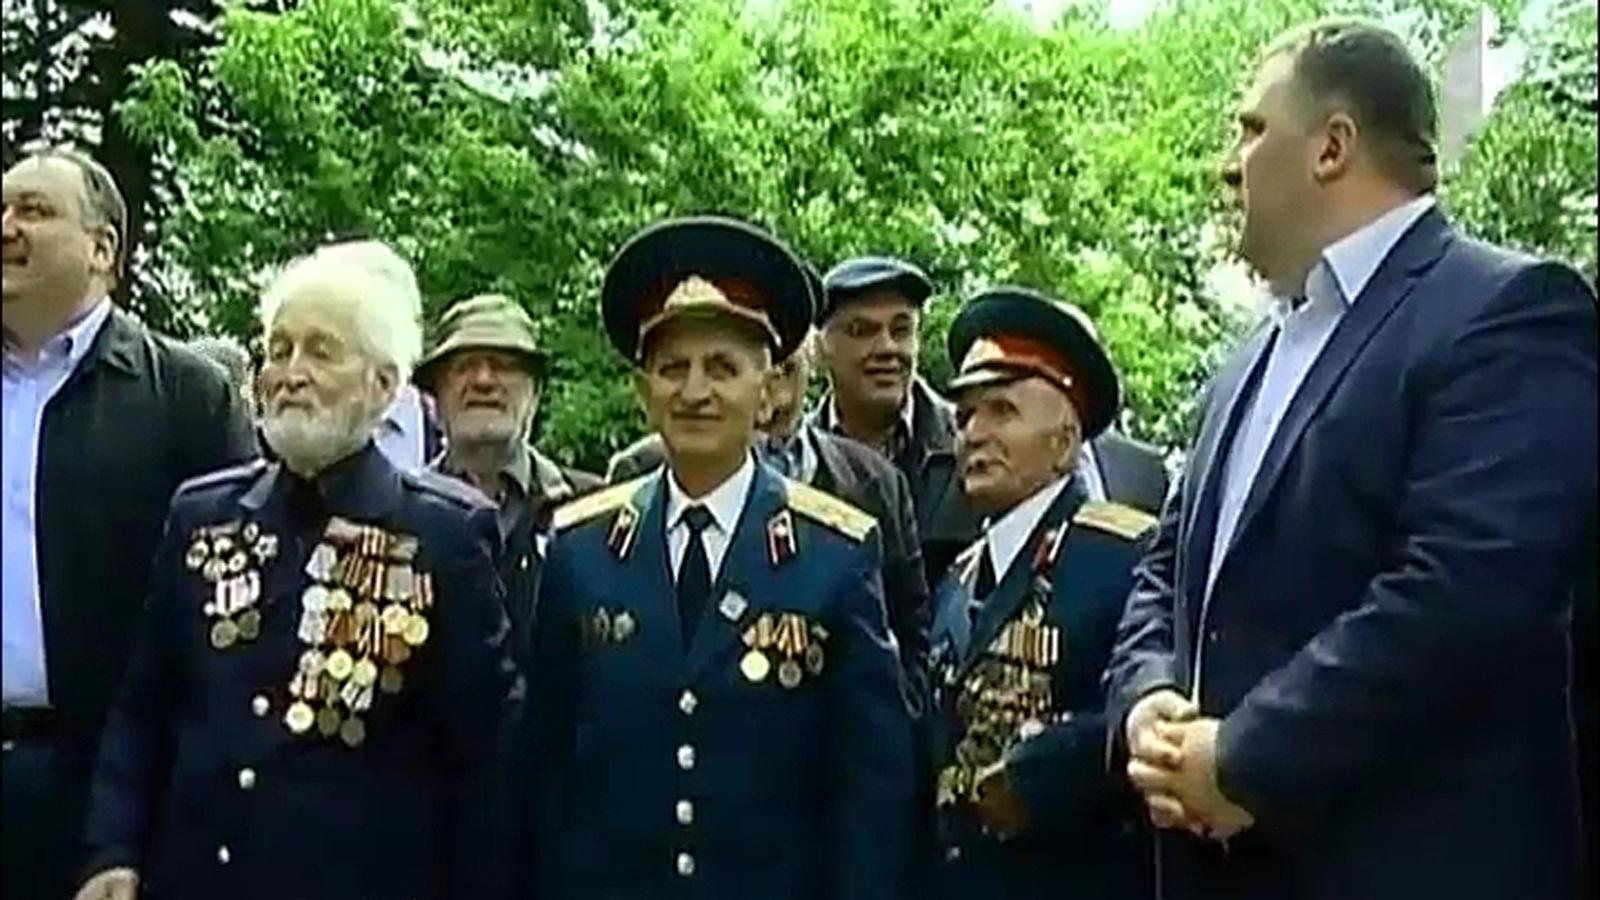 გერმანიაში ტყვედ ჩავარდნილი ყოფილი საბჭოთა ჯარისკაცები ერთჯერად კომპენსაციას მიიღებენ